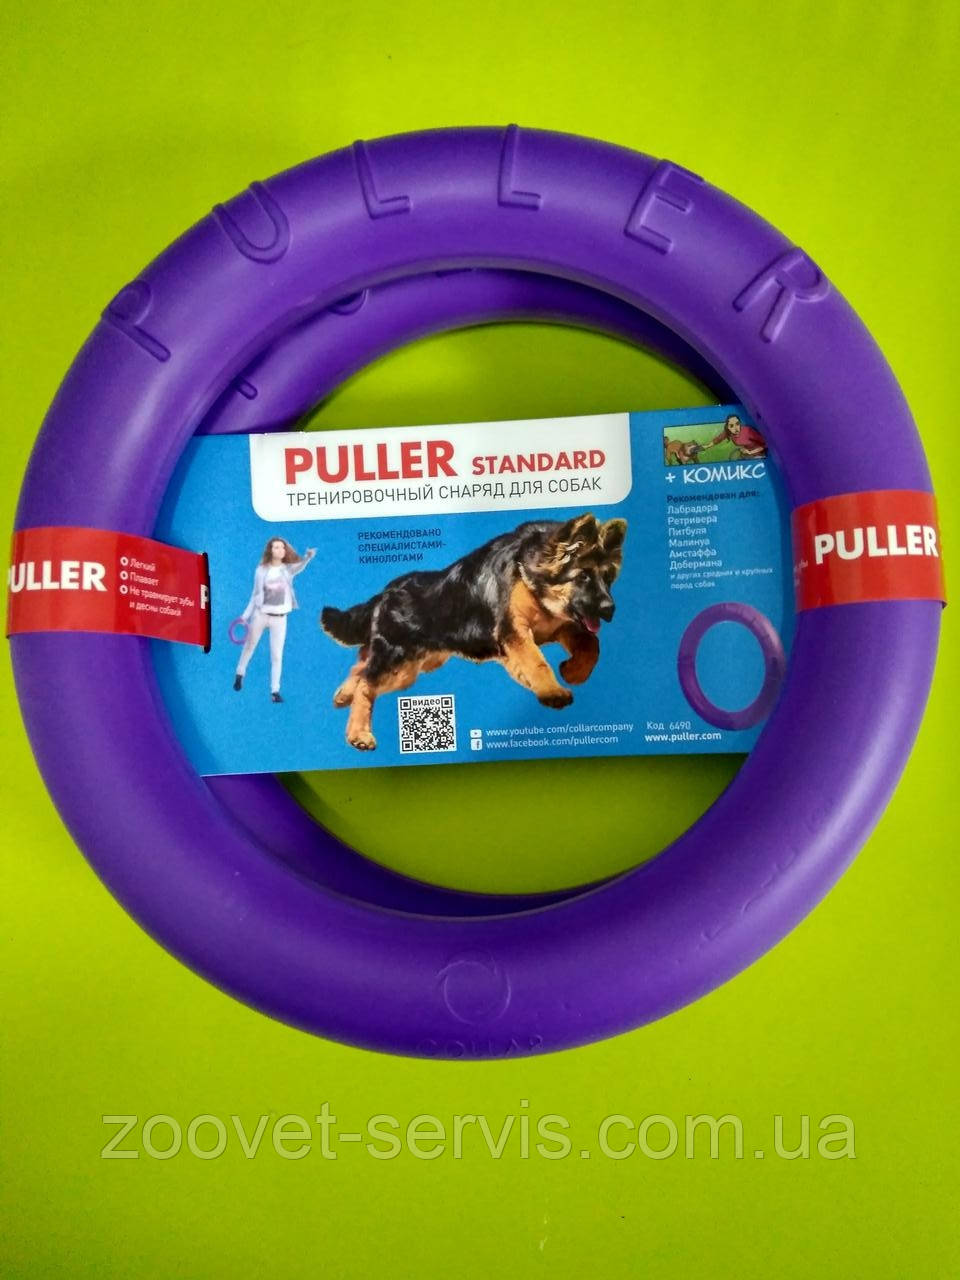 Тренировочный снаряд для собак Пуллер Standart 6490